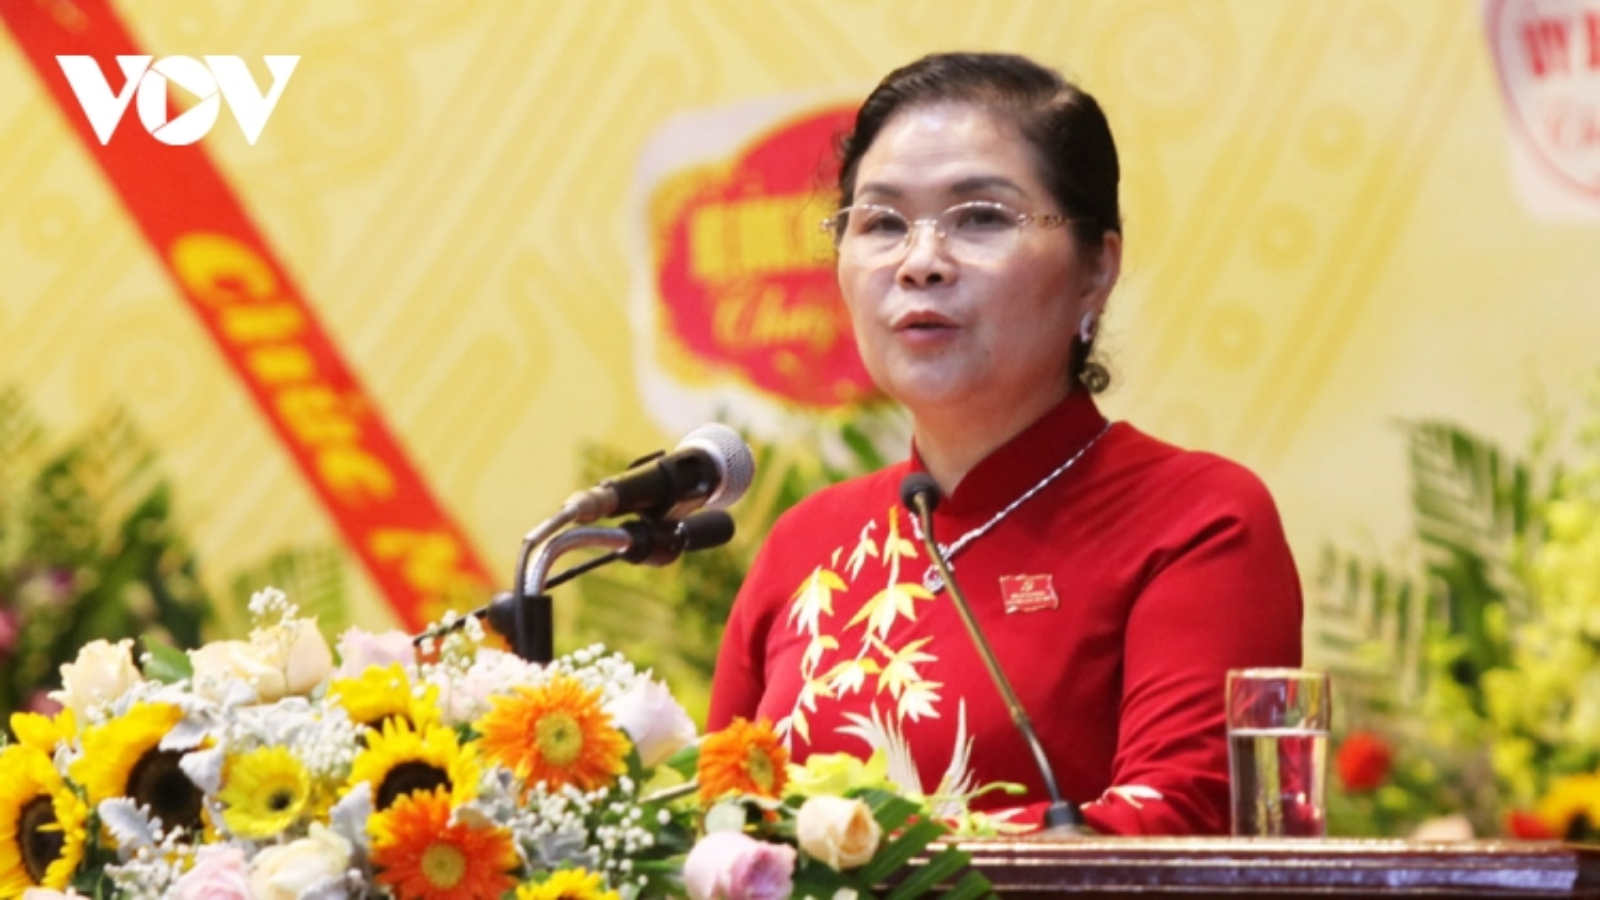 Bà Giàng Páo Mỷ tái đắc cử Bí thư Tỉnh ủy Lai Châu nhiệm kỳ 2020-2025